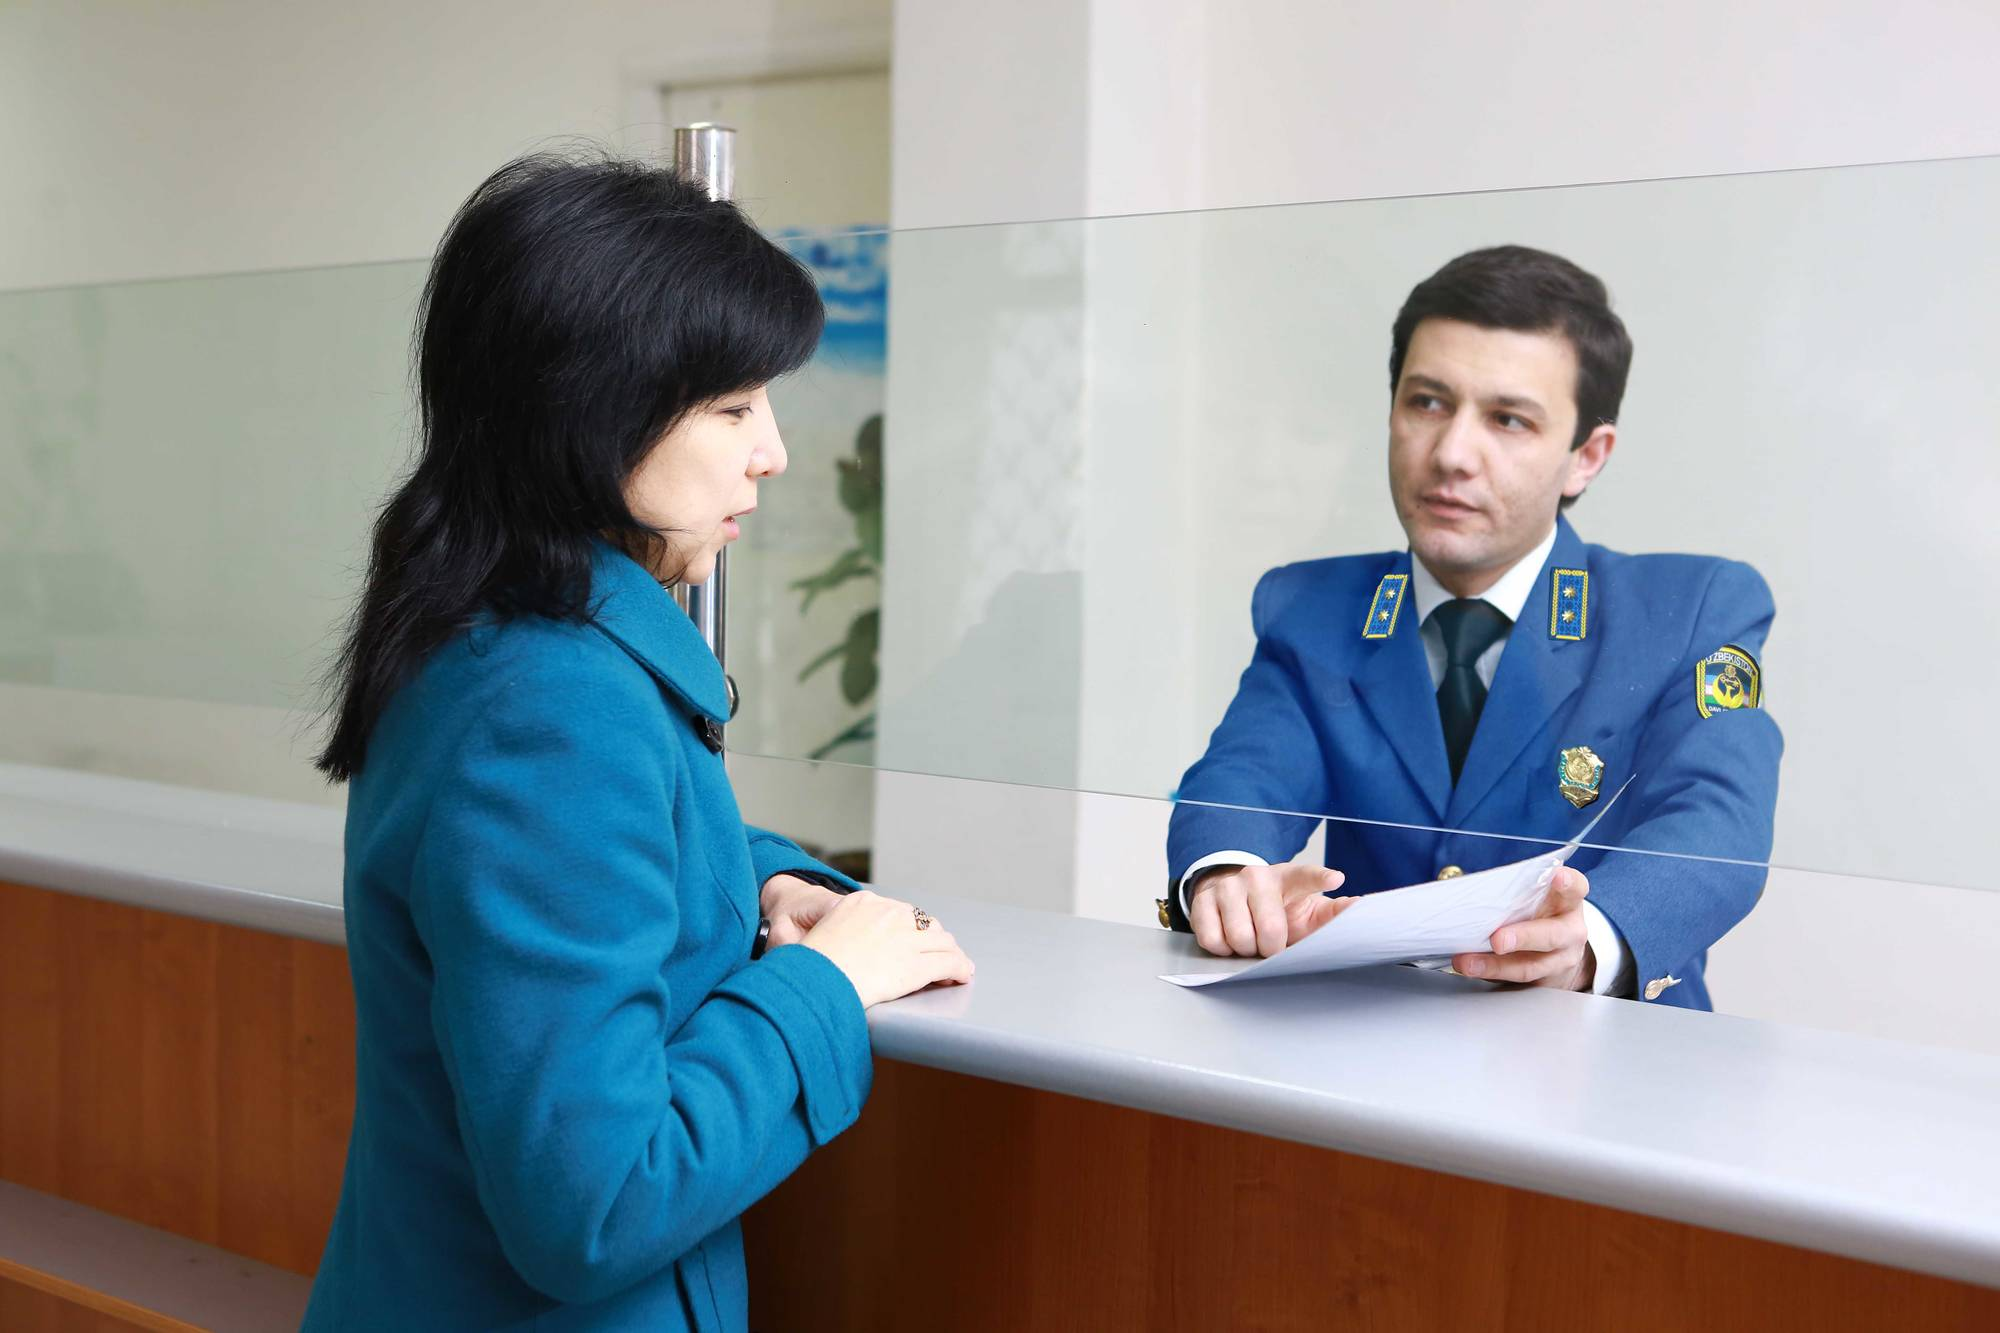 В Узбекистане юрлица смогут менять адрес после исполнения налоговых обязательств